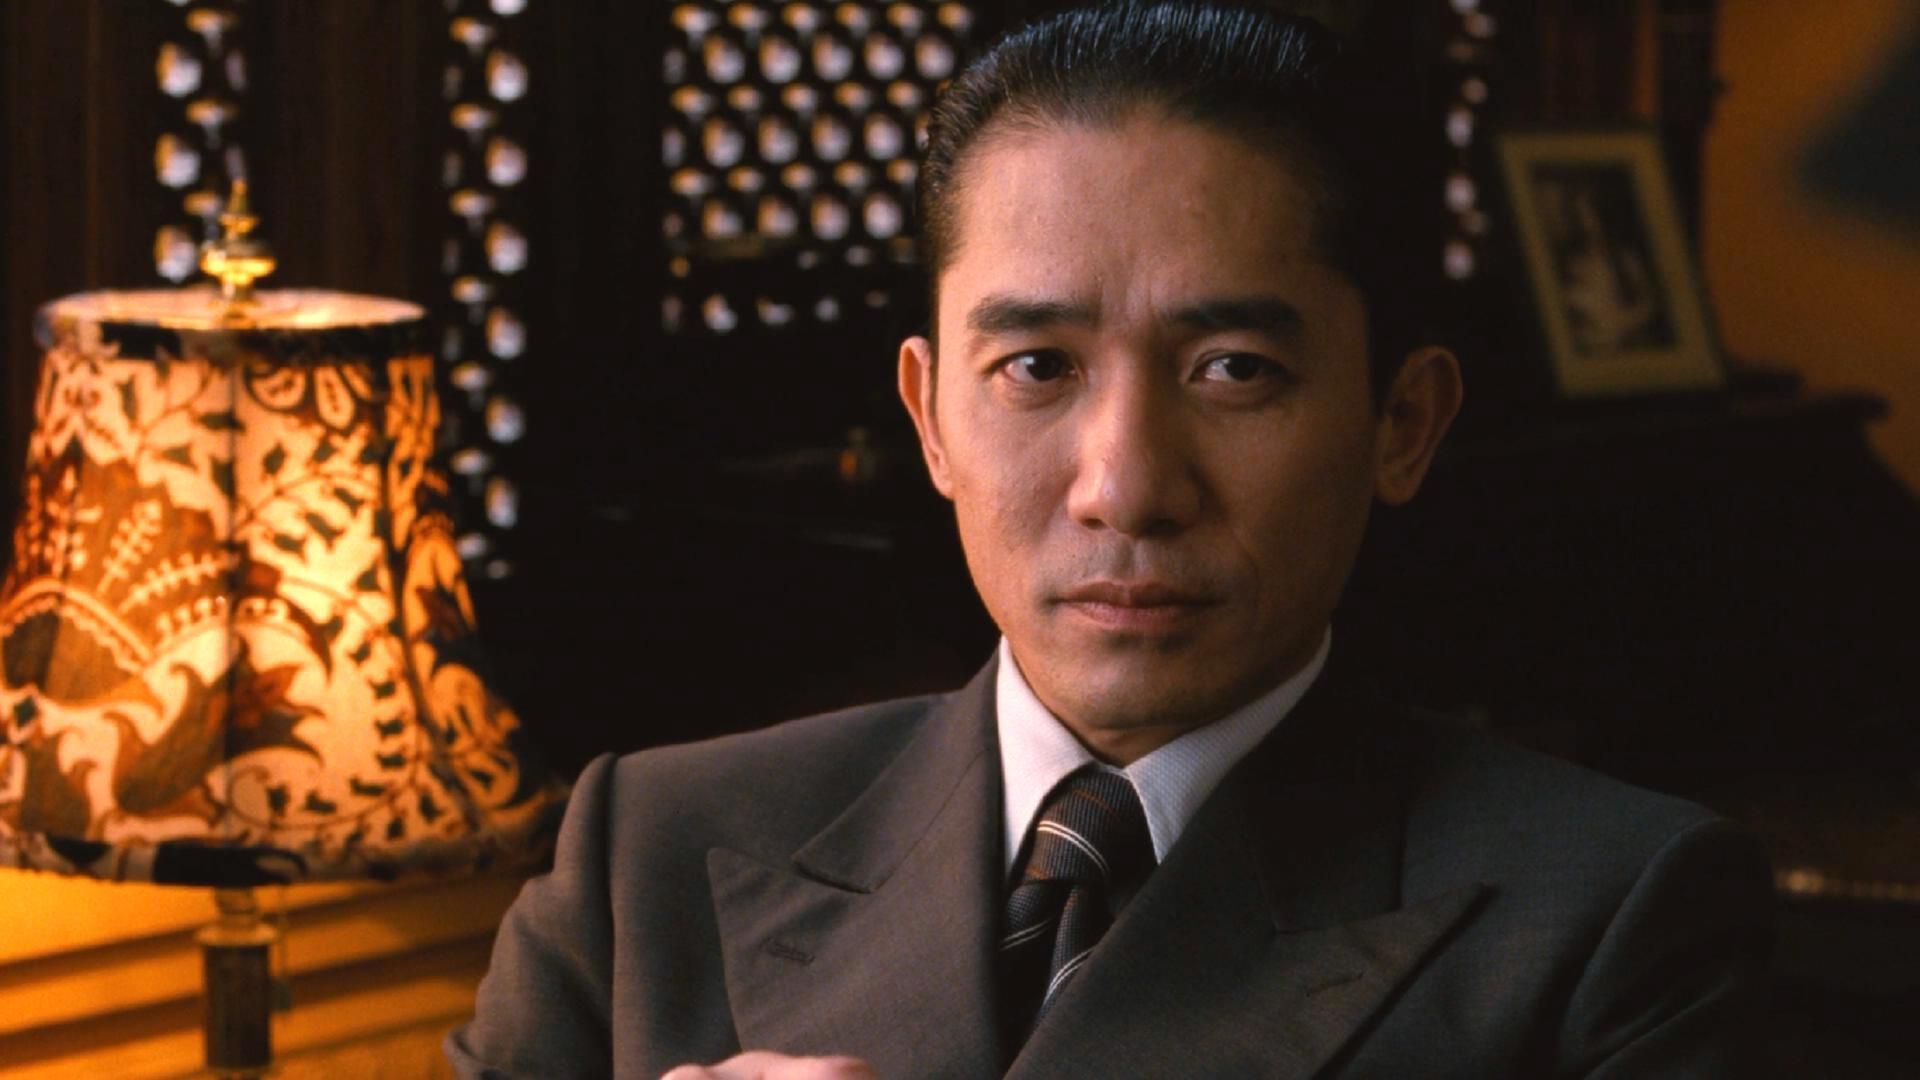 他颜值完爆梁朝伟,曾是TVB霸屏男神,豪车无数